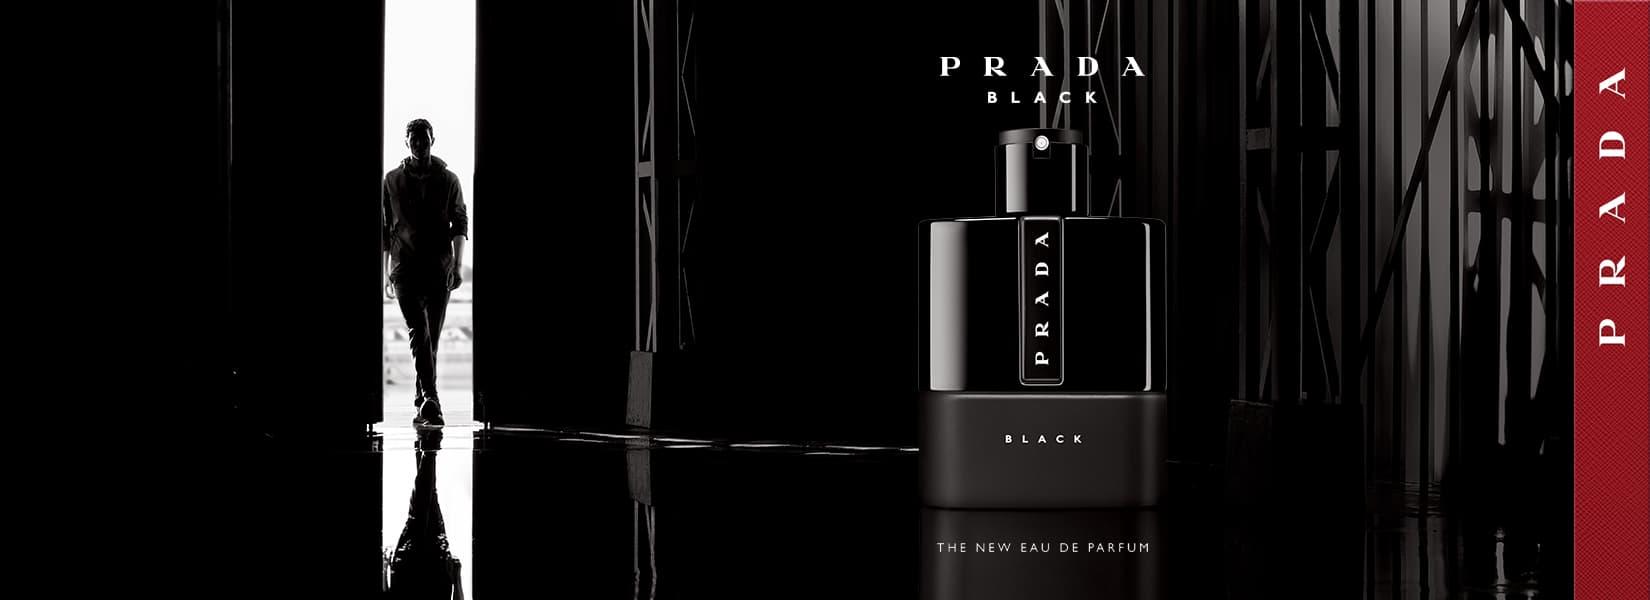 Prada - FRANKS 4d61f7ba3a3